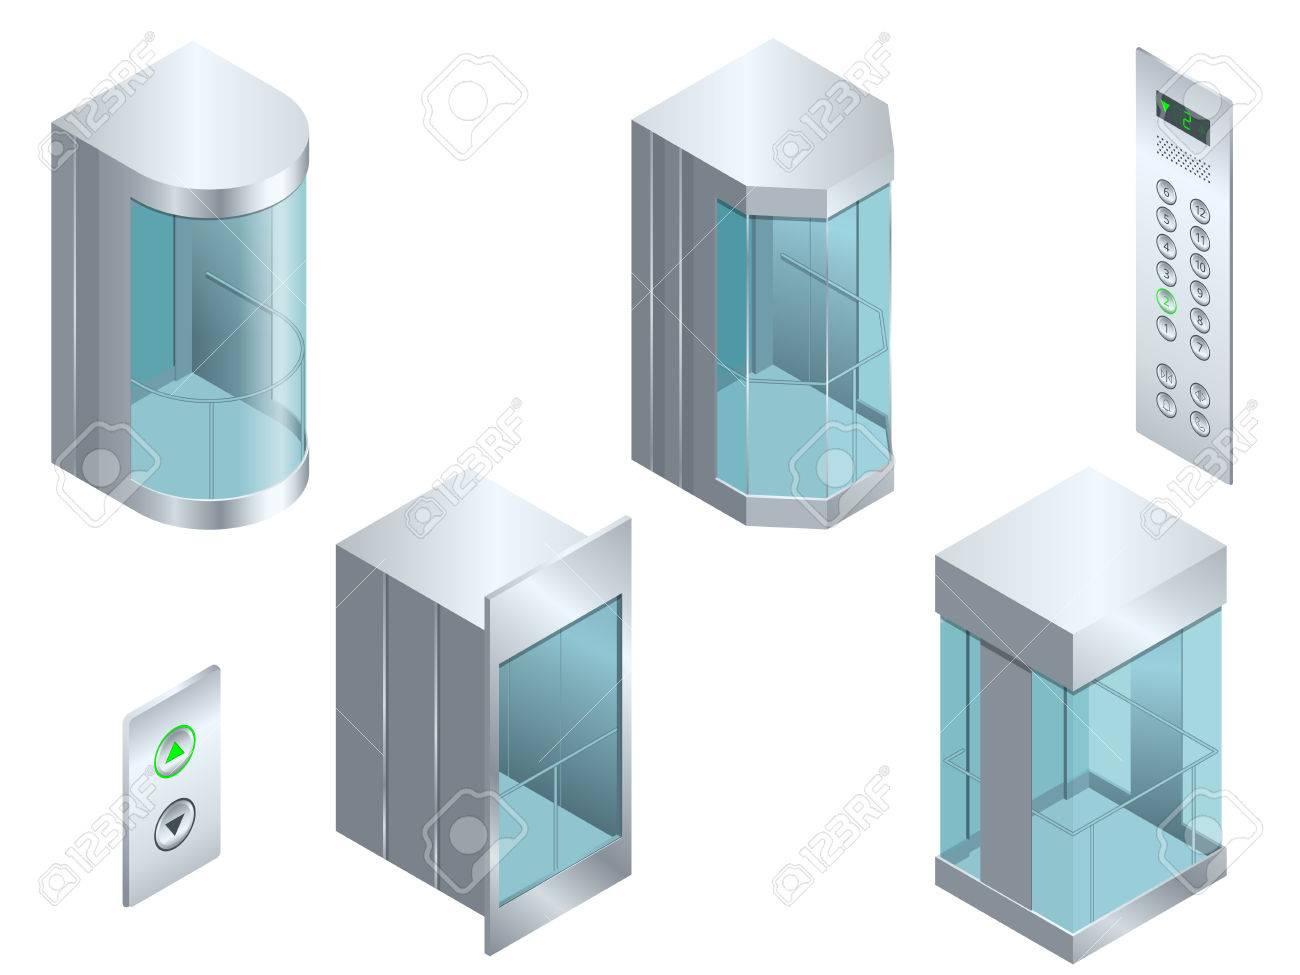 Isometrische Vektor Glas Futuristisch Zylindrischen Form Aufzug Oder ...